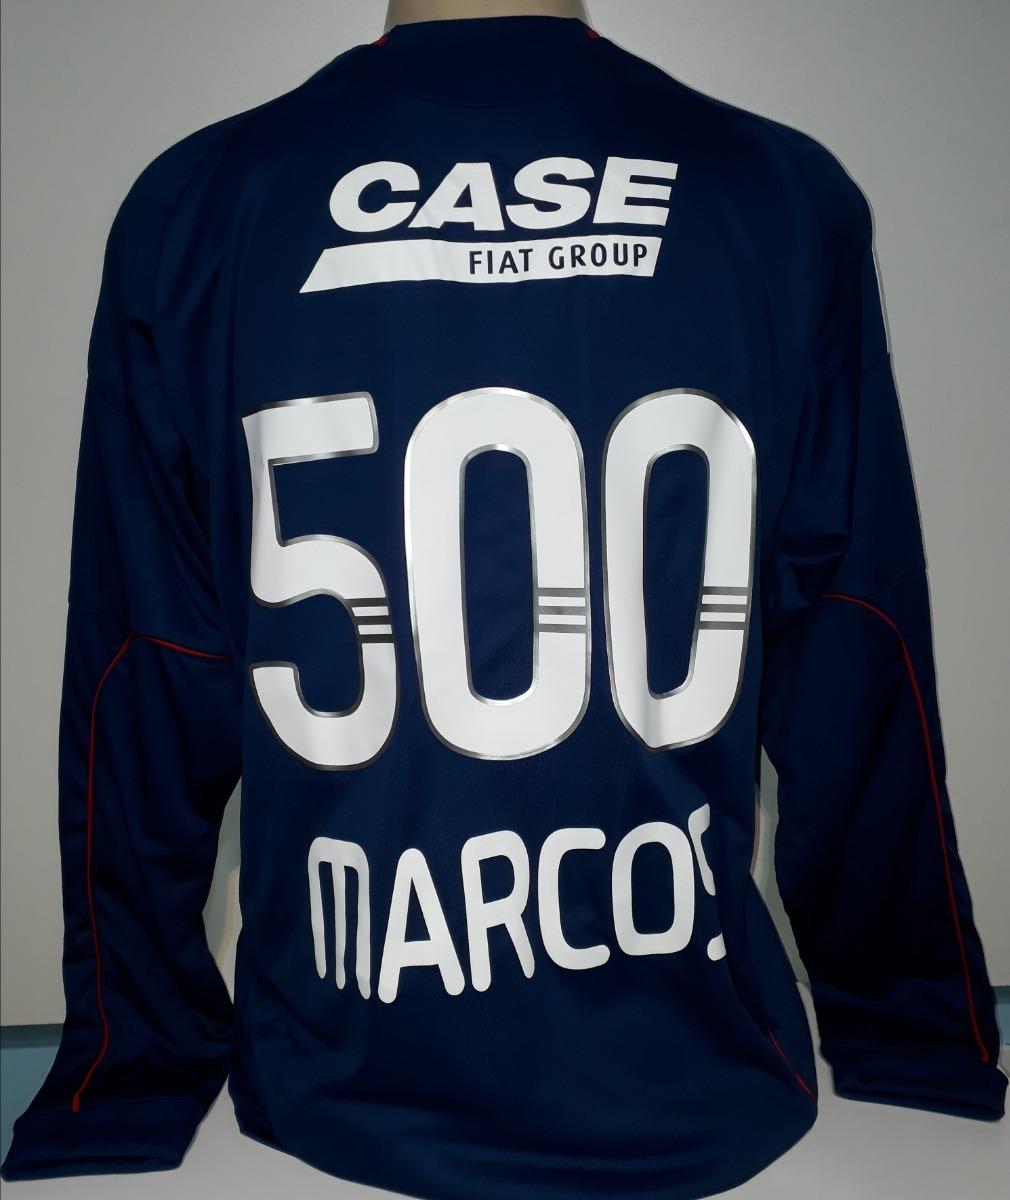 bc6c600818 Camiseta Palmeiras Goleiro Marcos Histórica Jogo 500 - R  1.190